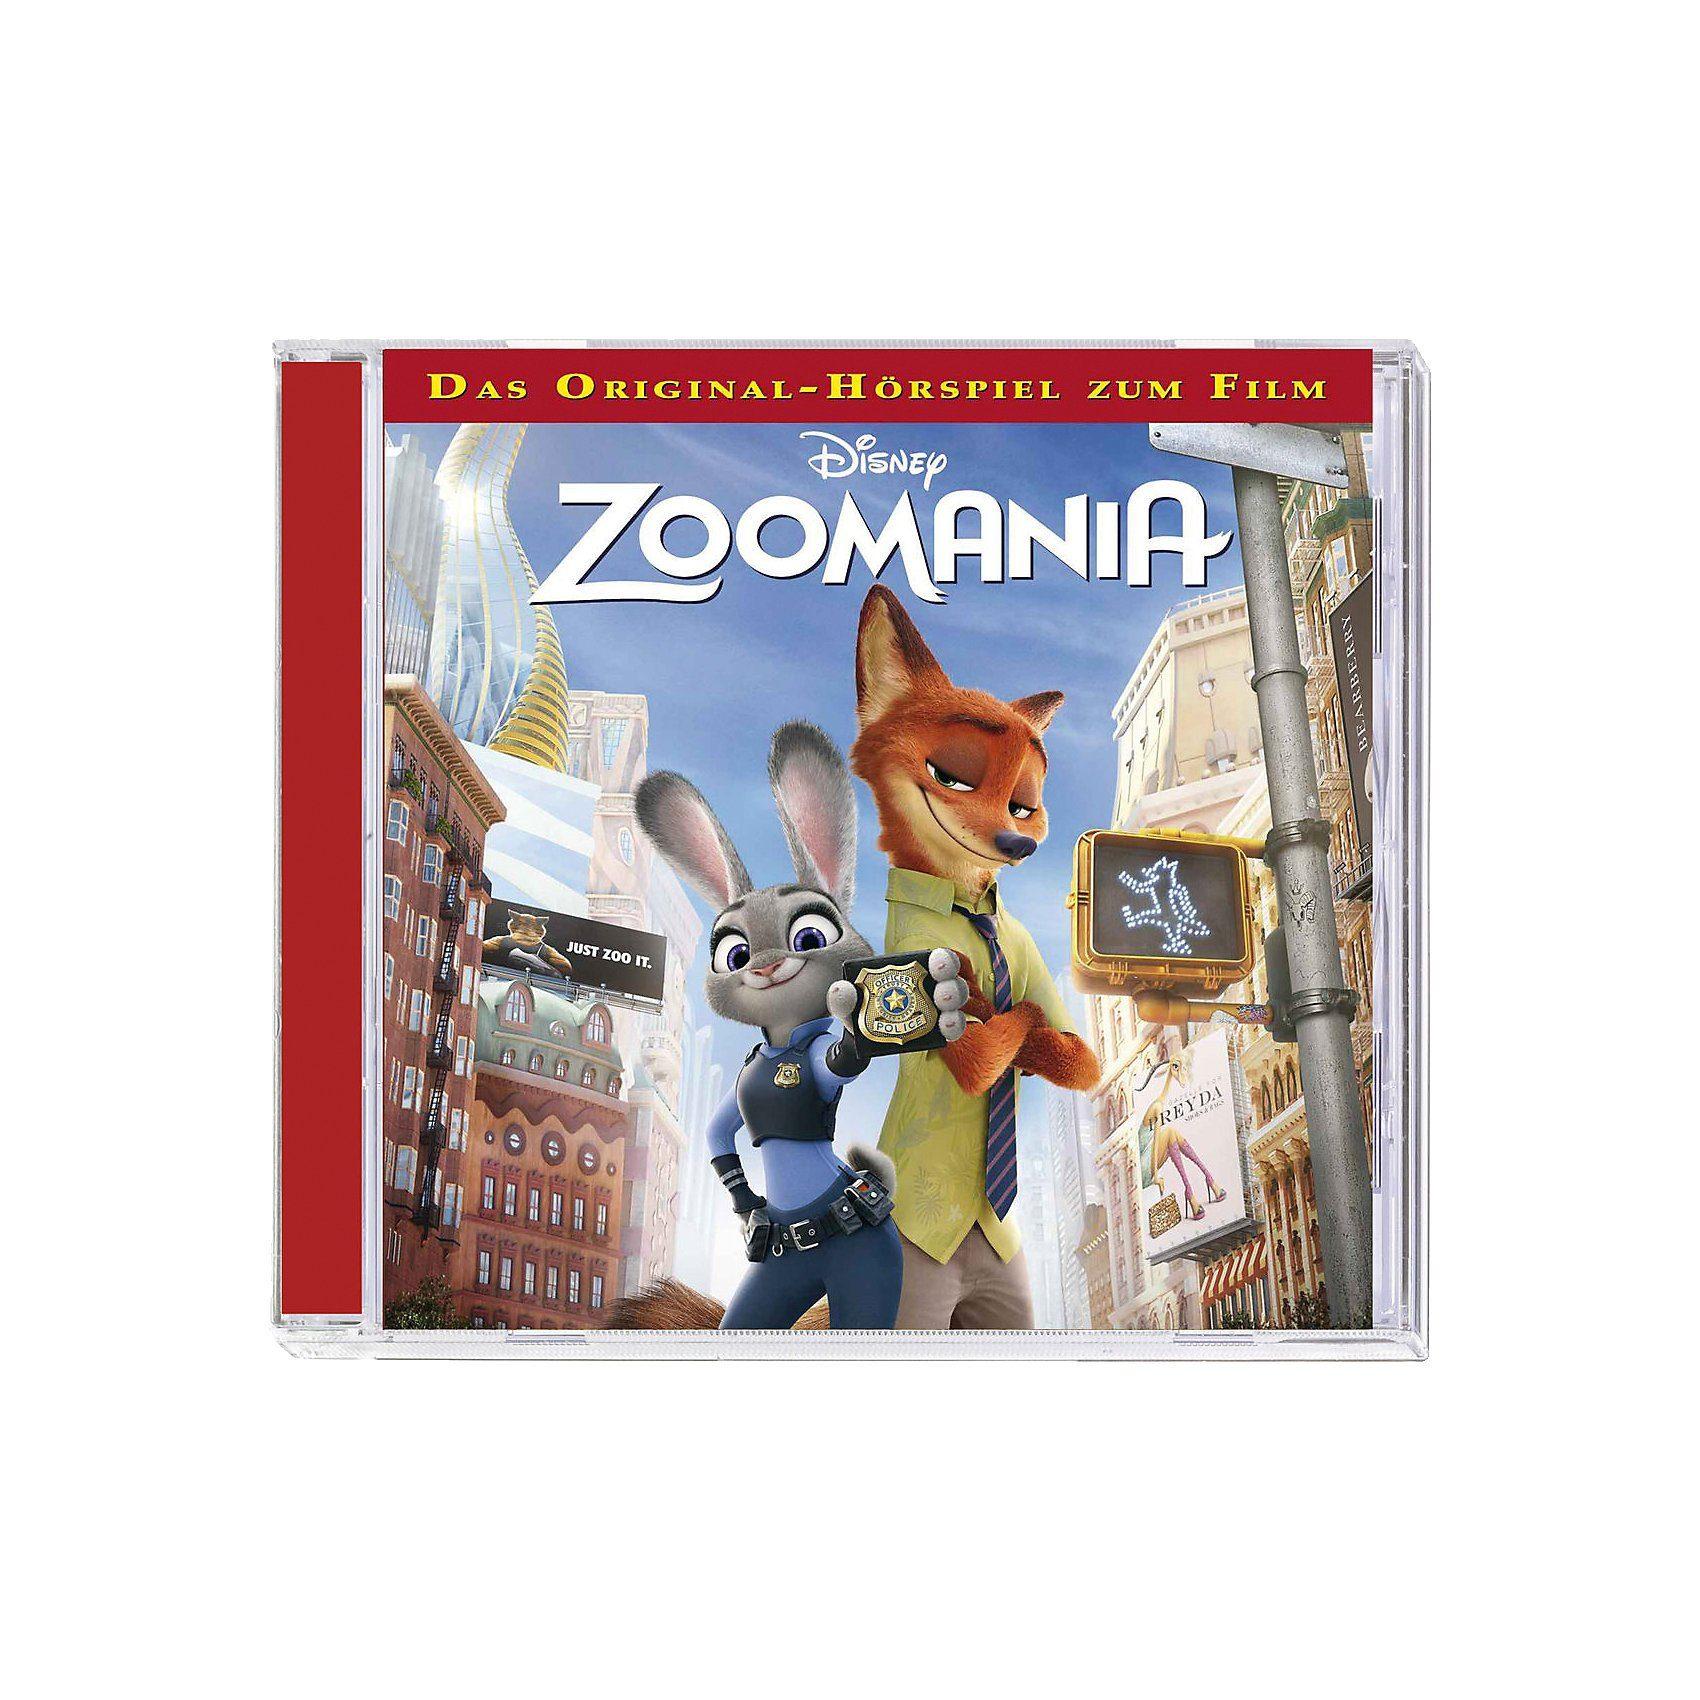 Kiddinx CD Disney Zoomania (Hörspiel zum Kinofilm)